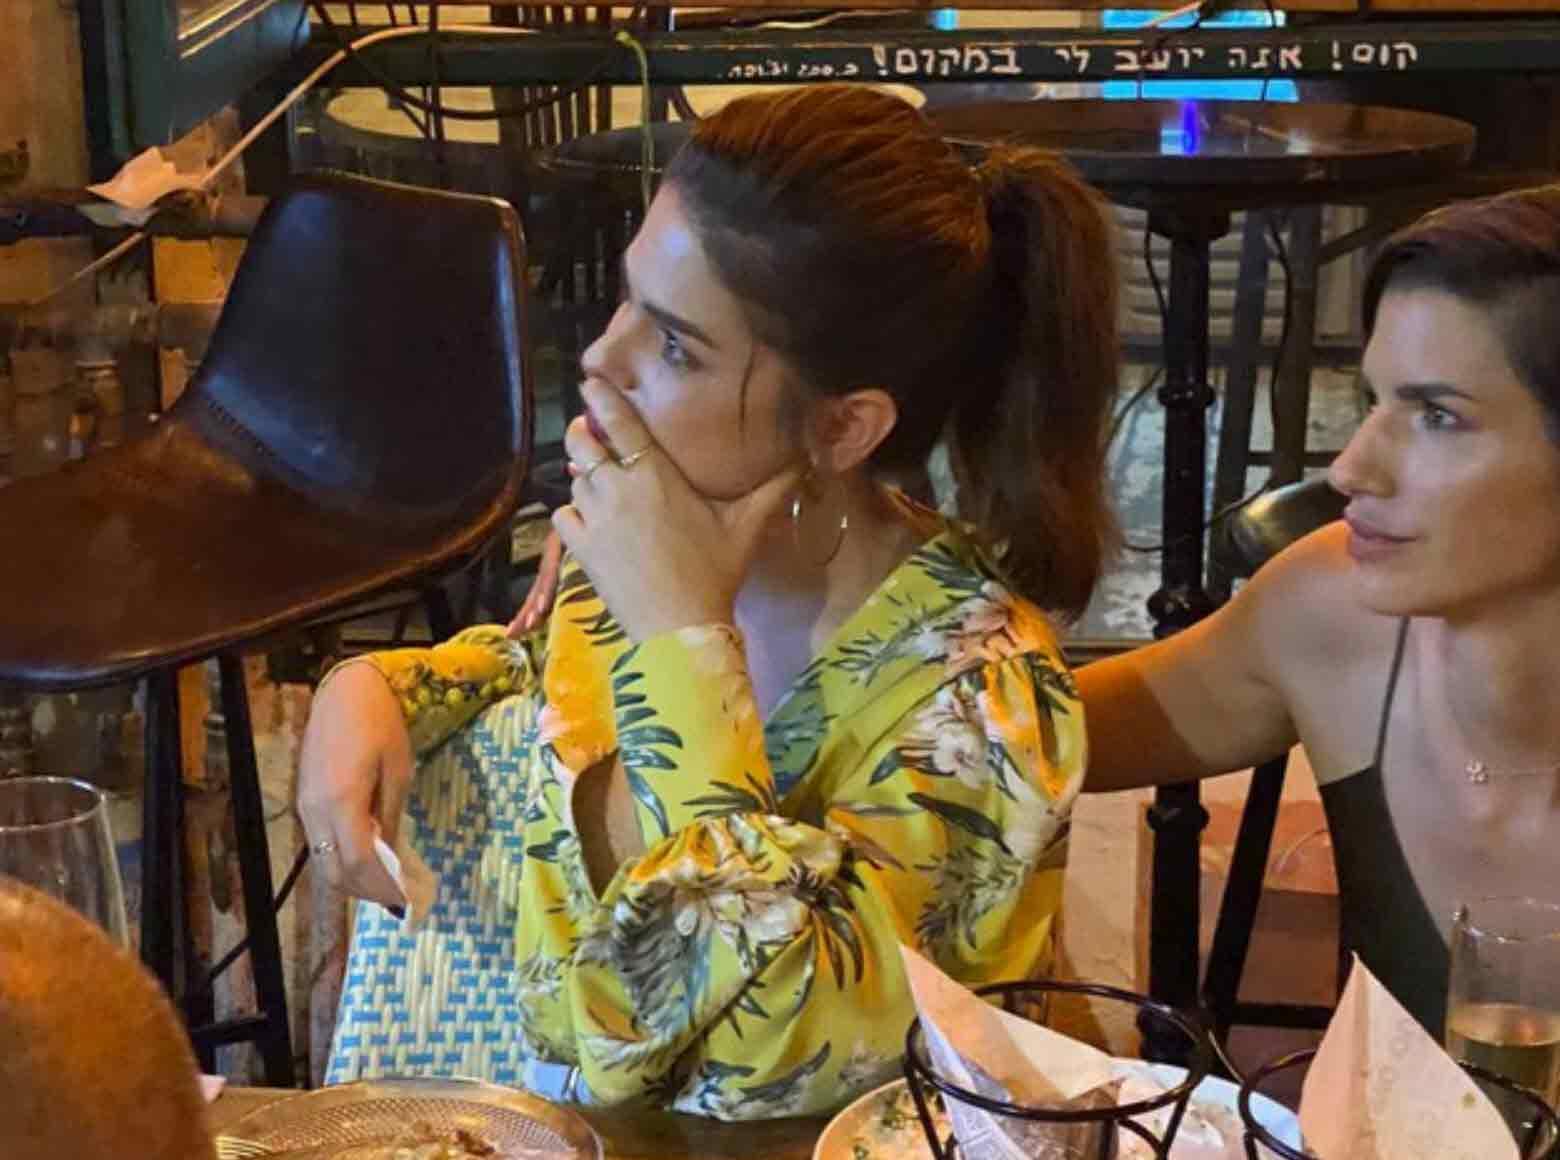 רגע אחרי השידור: מה גרם לדנית ליבנת לפרוץ בבכי!?